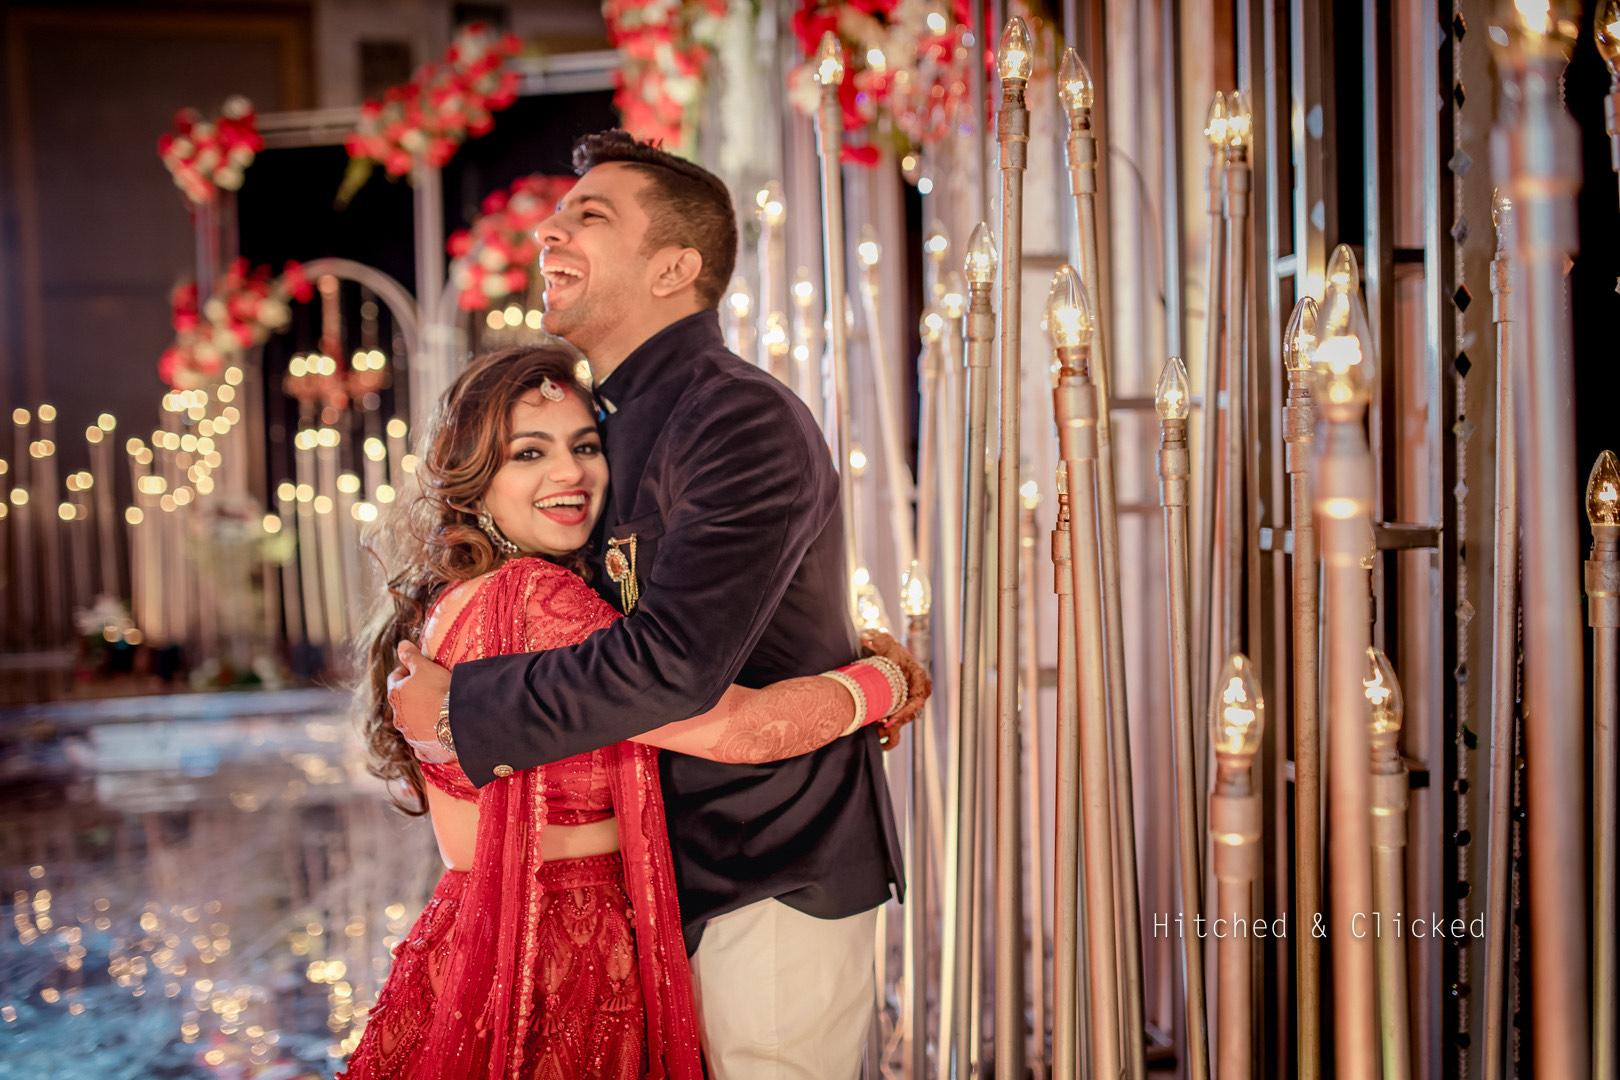 happy couple poses